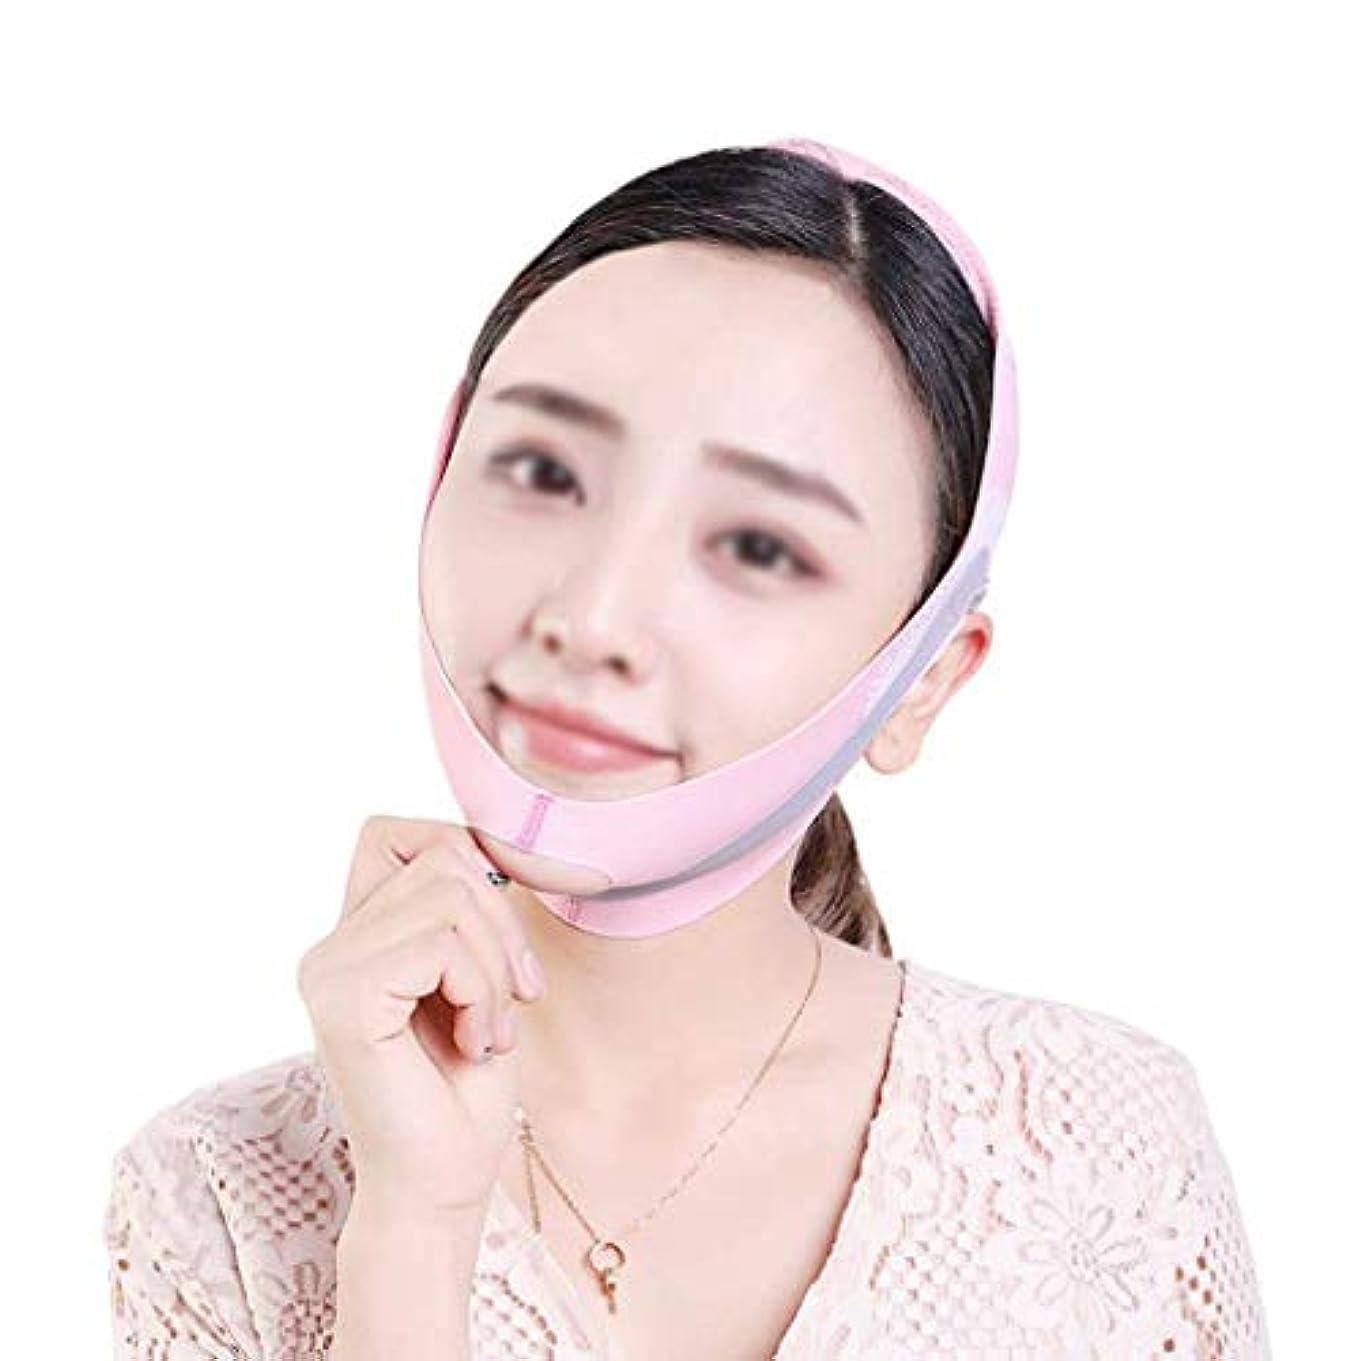 フェイスリフティング包帯、フェイスリフティングに最適、リフティングフェイシャルスキン、ダブルチンケア減量(フリーサイズ、ピンク)